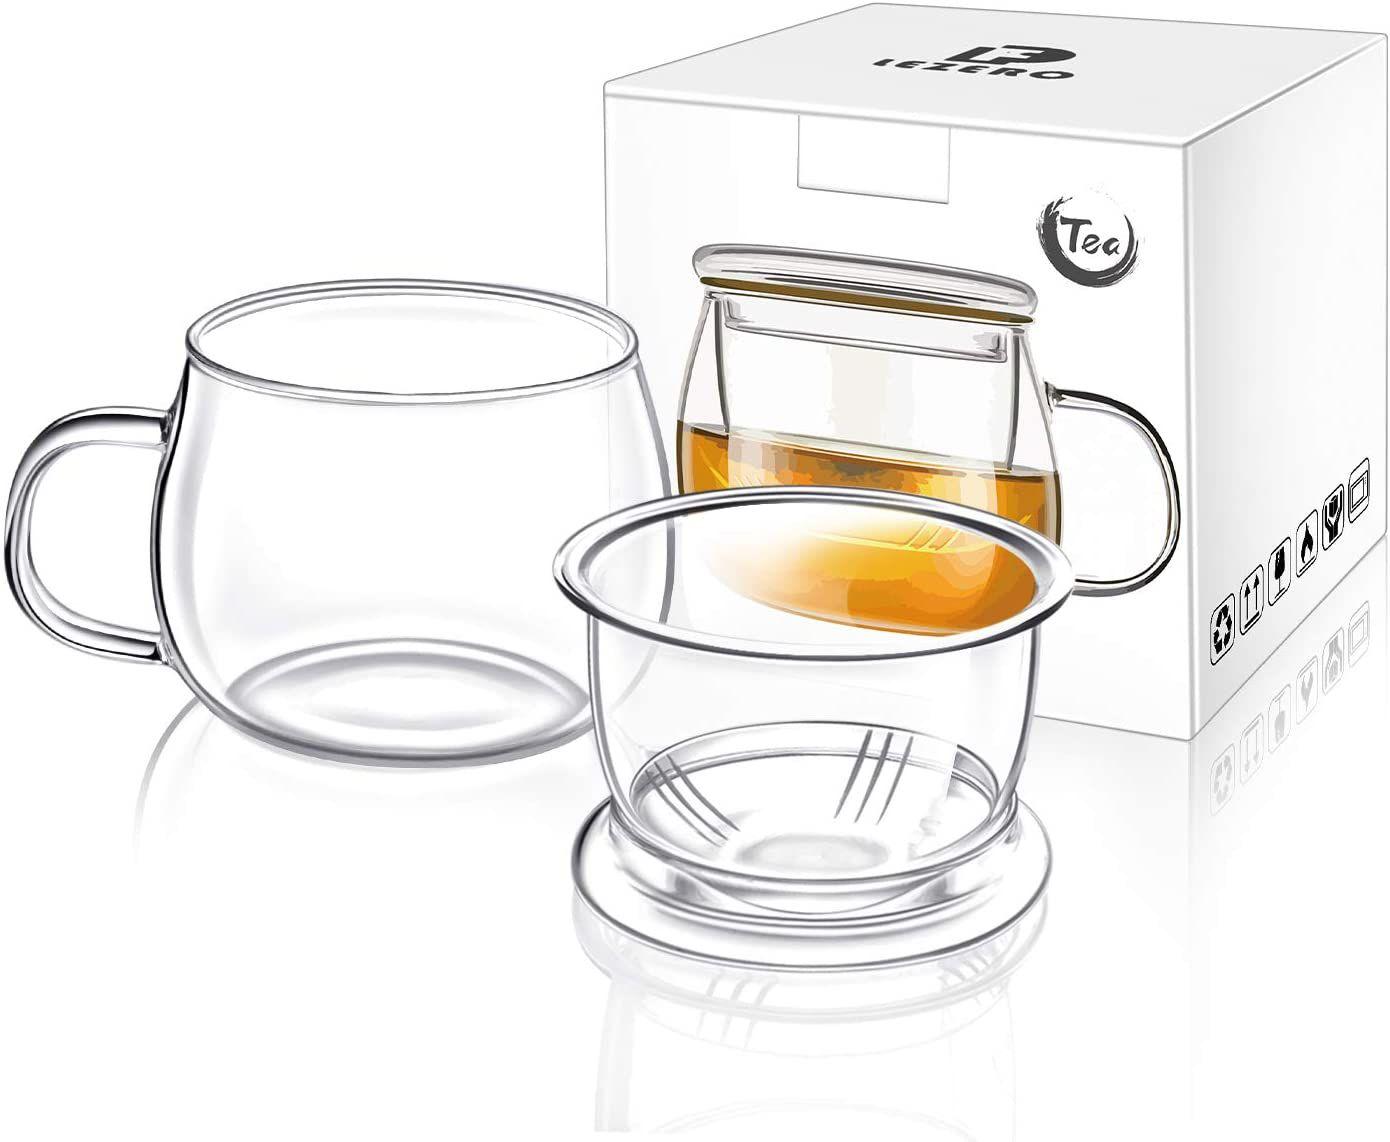 Lezero-Loose-Tea-Leaf-Brewing-System